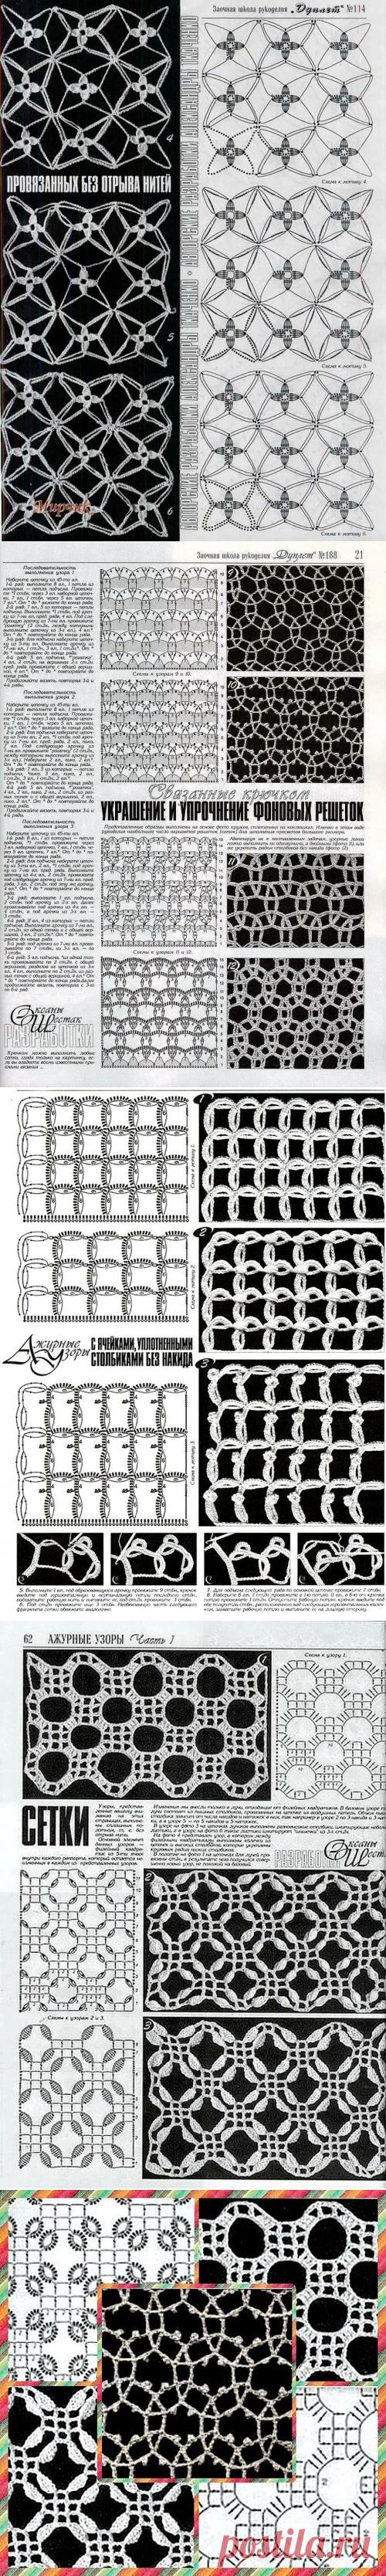 Вязальные шпаргалки - фоновые сетки крючком | Левреткоман-оч.умелец | Яндекс Дзен